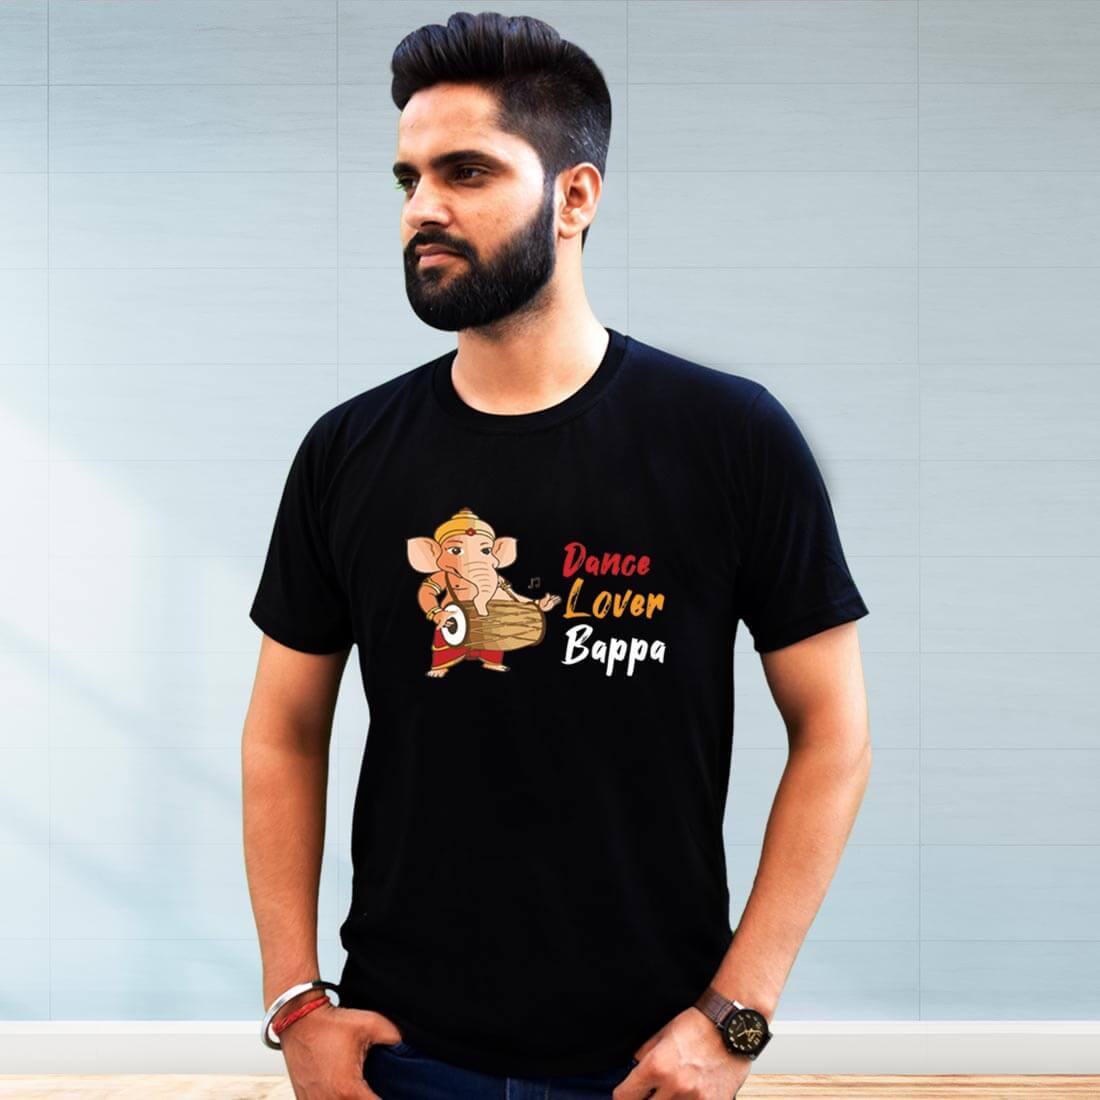 Dance Lover Bapa Printed Black T Shirt Men